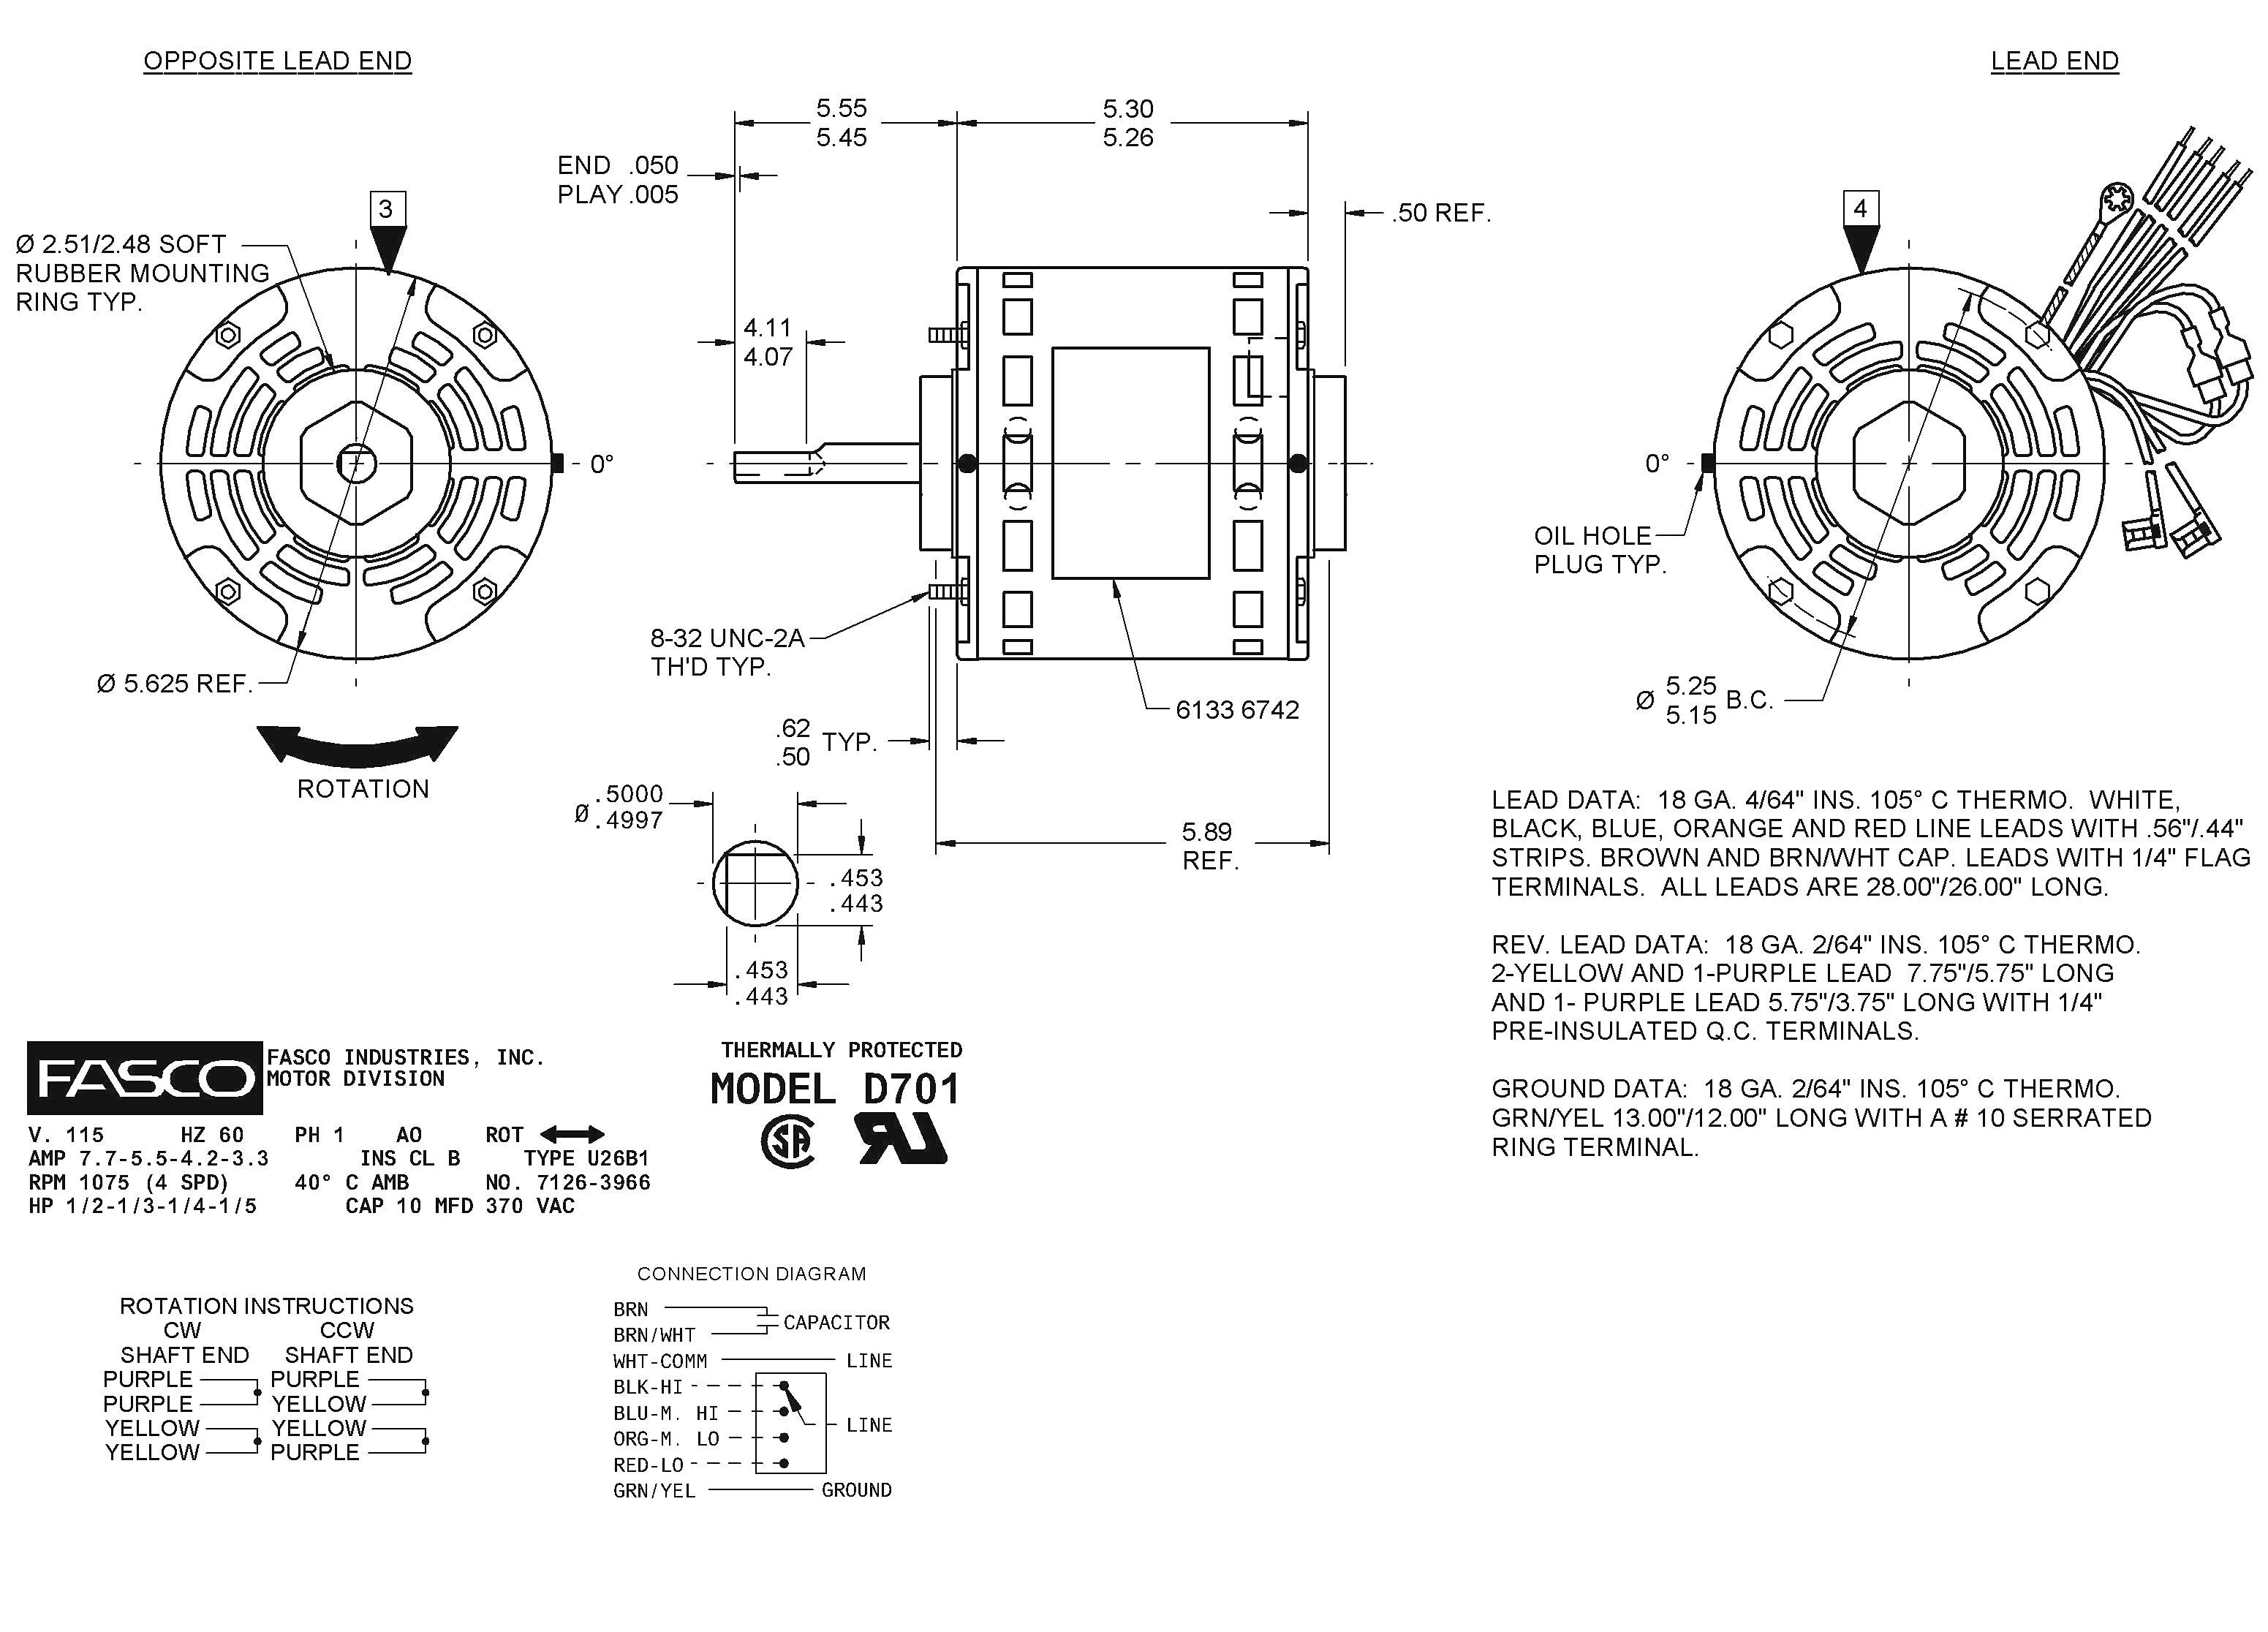 doerr motor wiring diagram 1965 ford mustang starter cross reference impremedia